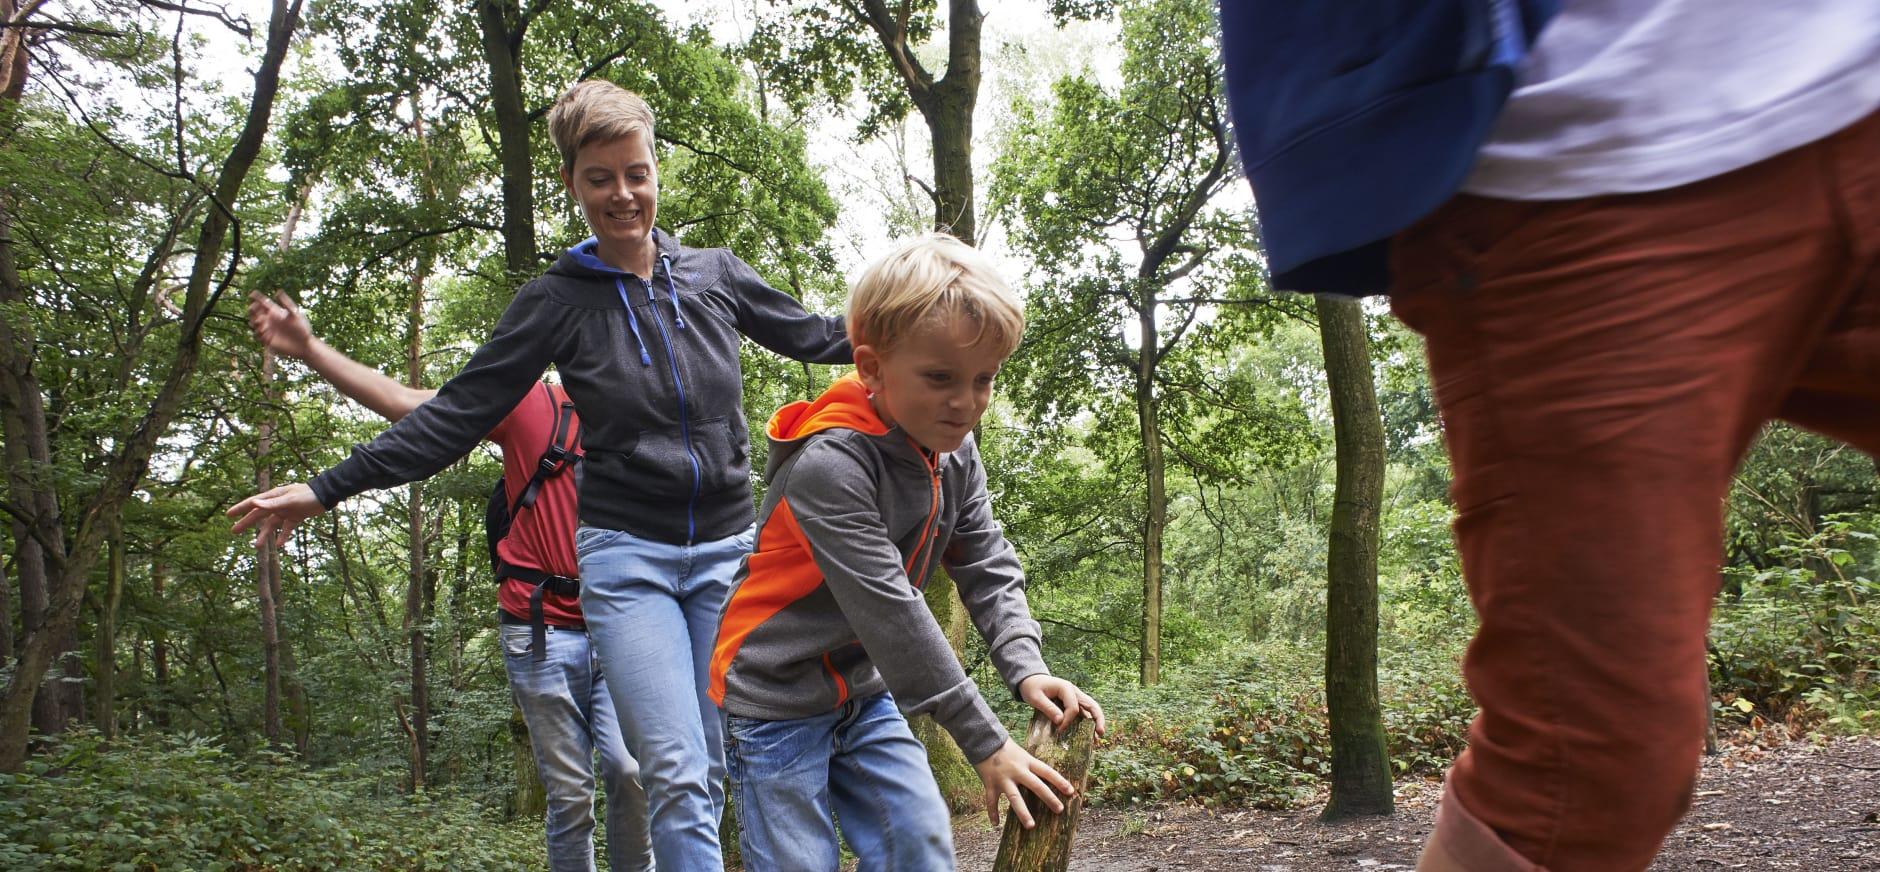 Bijzondere uitkomsten van uniek recreatieonderzoek in Limburg